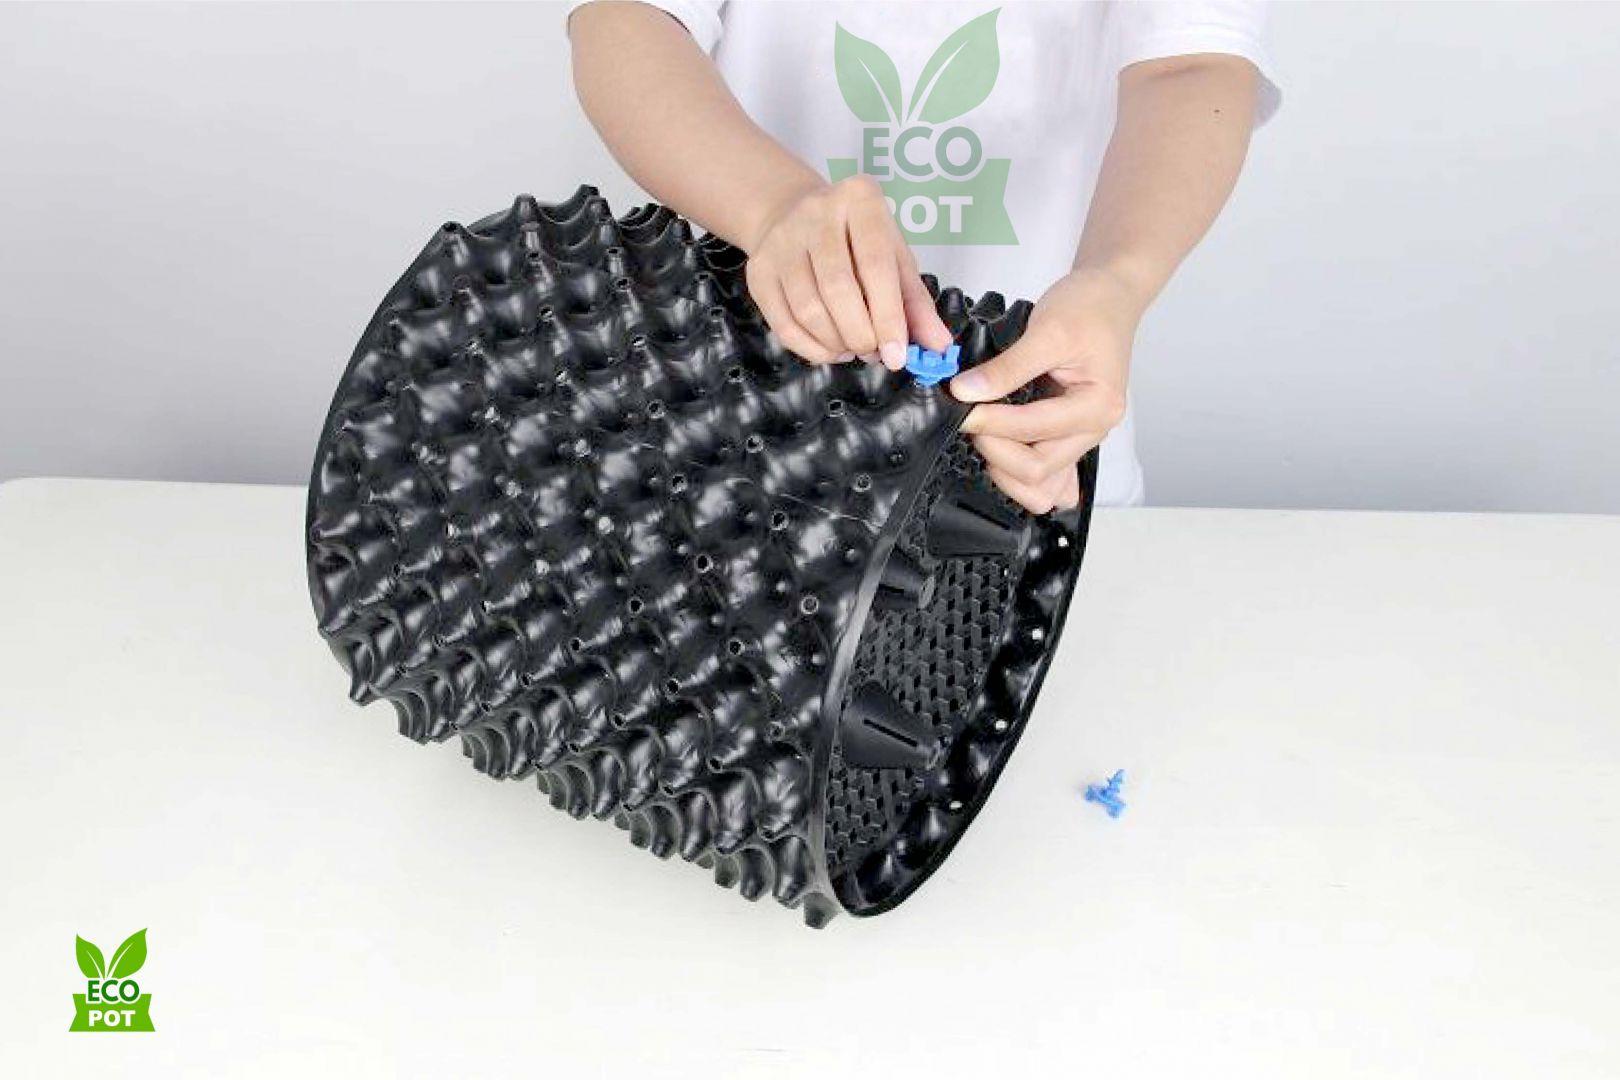 Bước 3: Sử dụng vít để cố định vị trí đầu và cuối của điểm giáp mí của bầu ươm